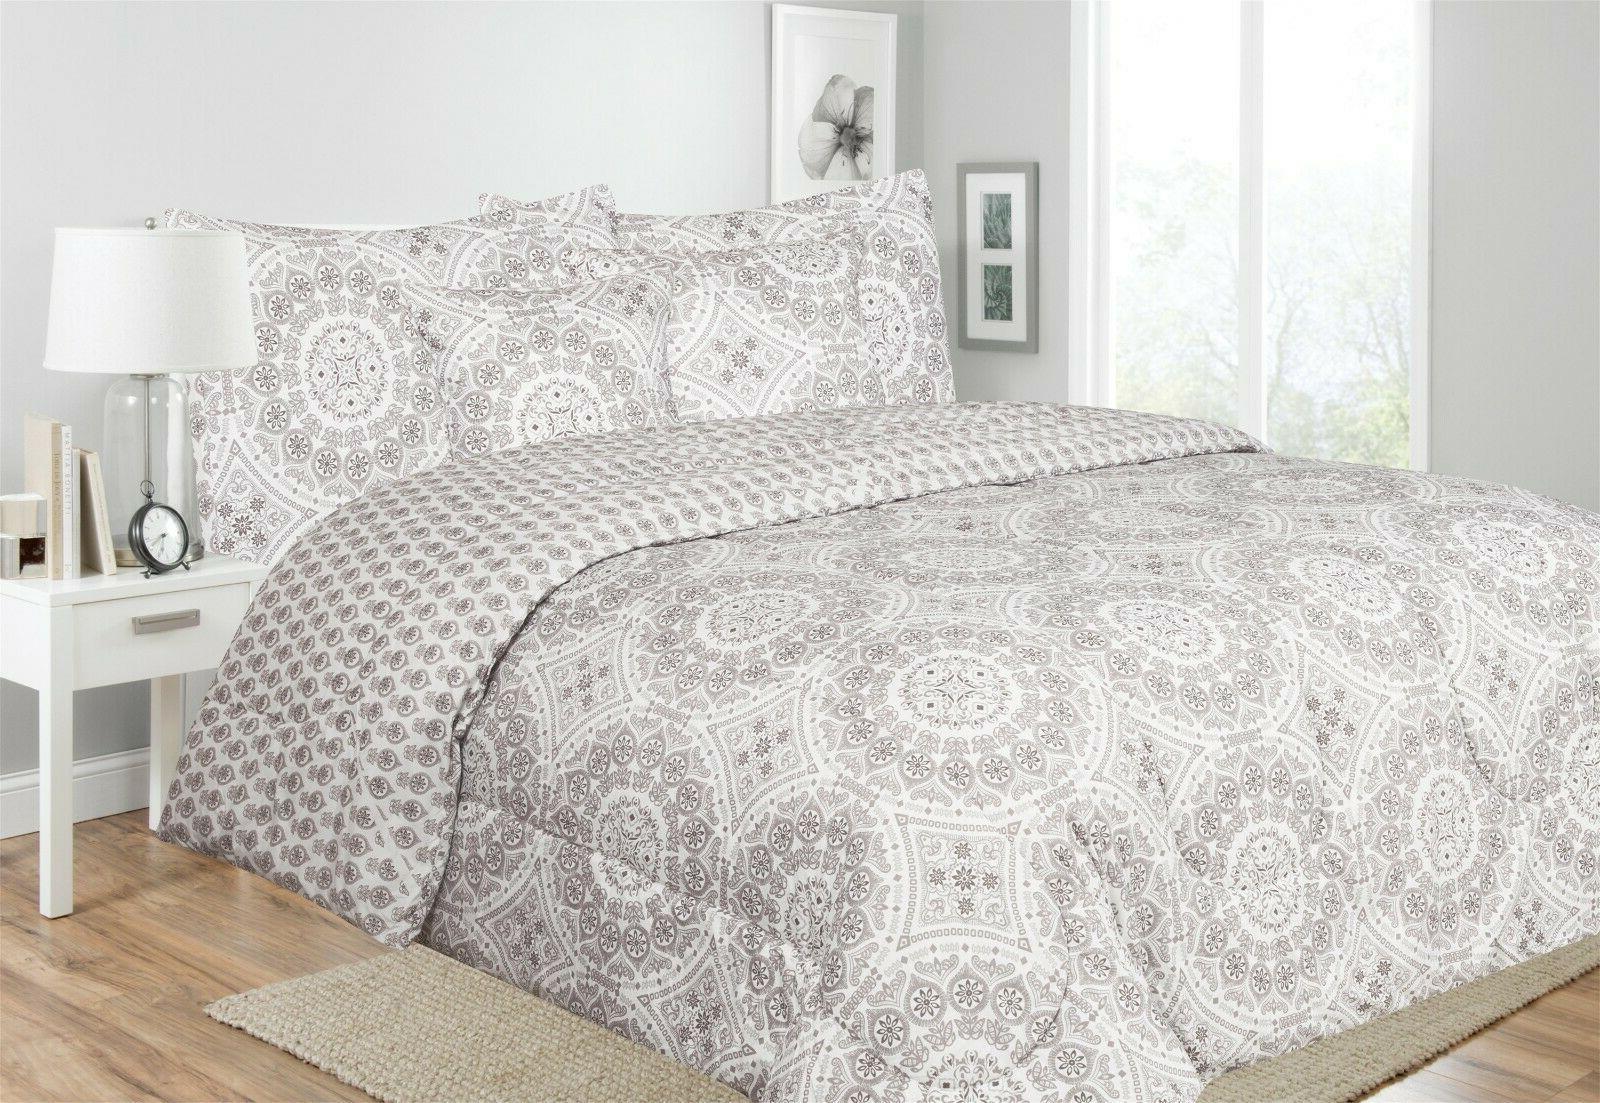 Ultra Reversible Printed Comforter